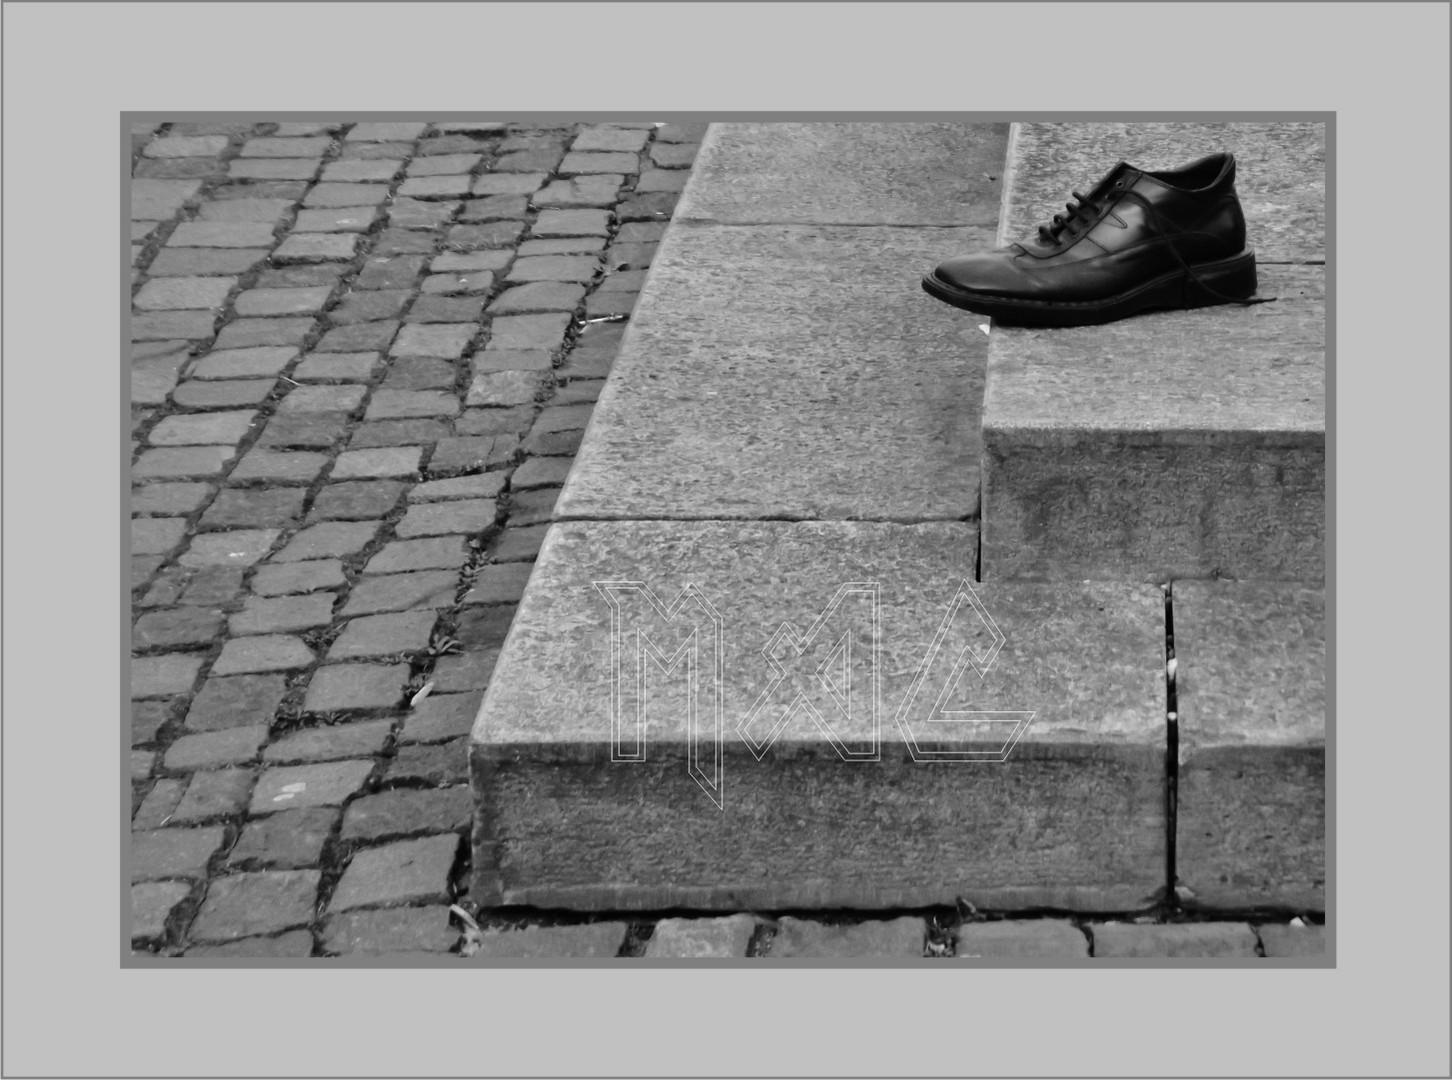 Die Einsamkeit des Schuhs